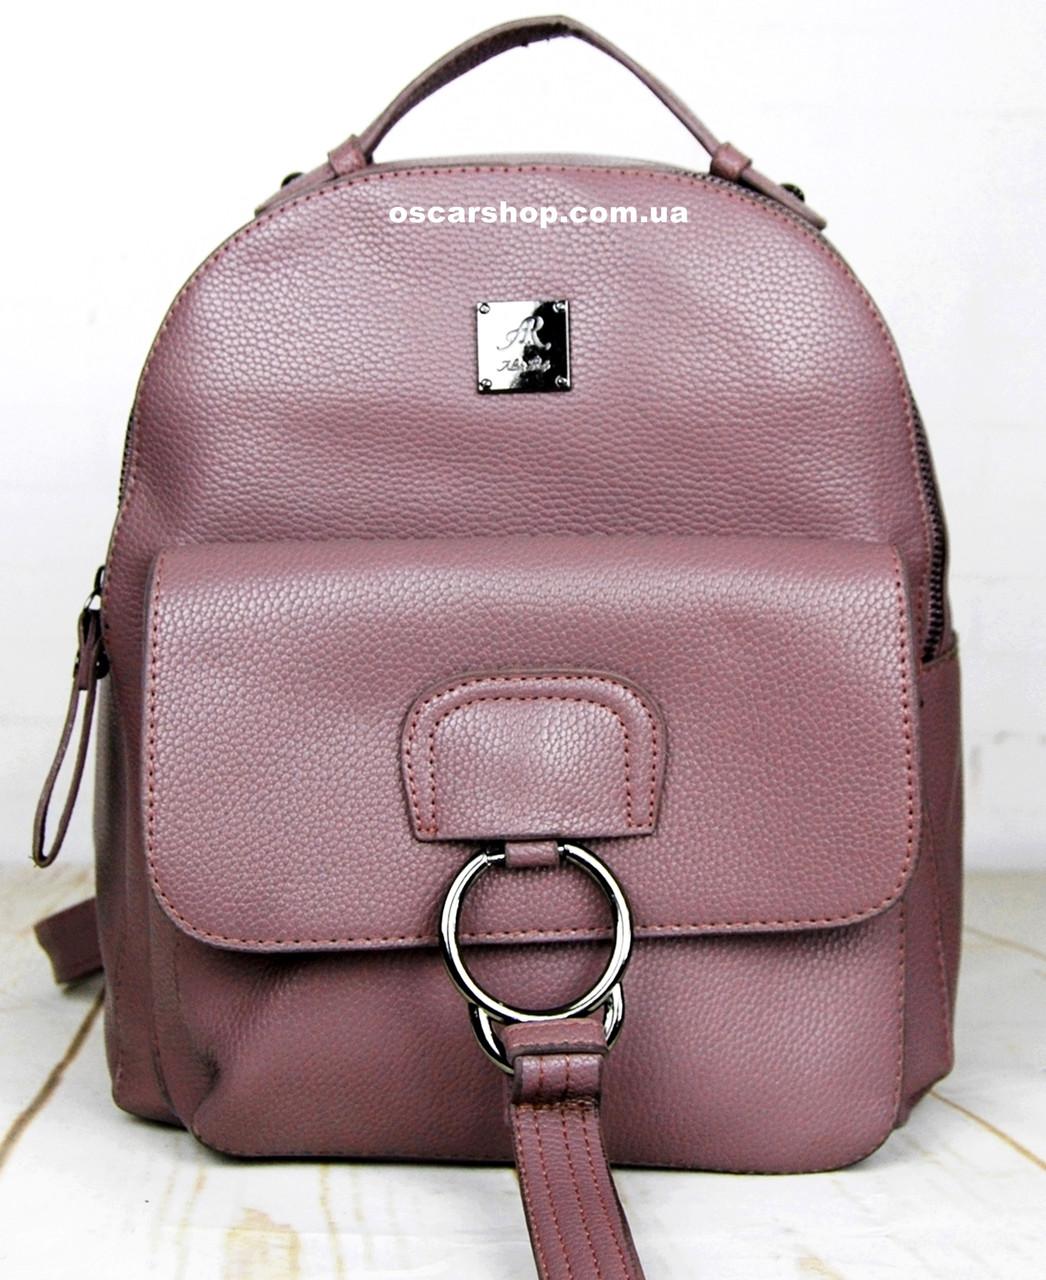 79273f1cbebf Розовый портфель Алекс Рей. Размер 28*25*15. Женский кожаный рюкзак ...